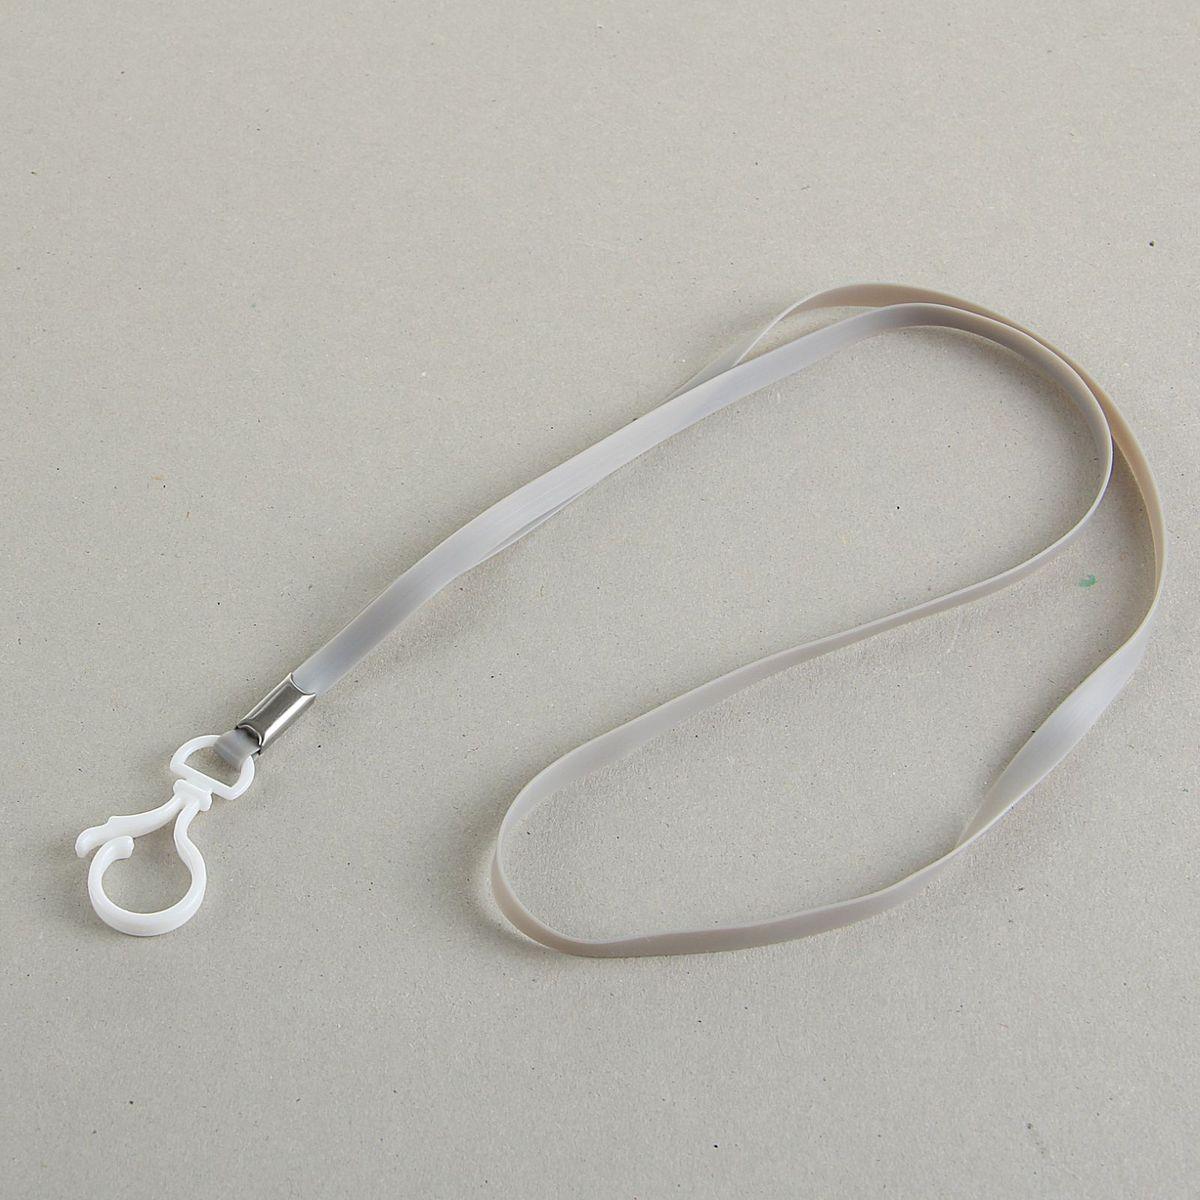 Лента для бейджа длина 38 см ширина 5 мм цвет серый1965015